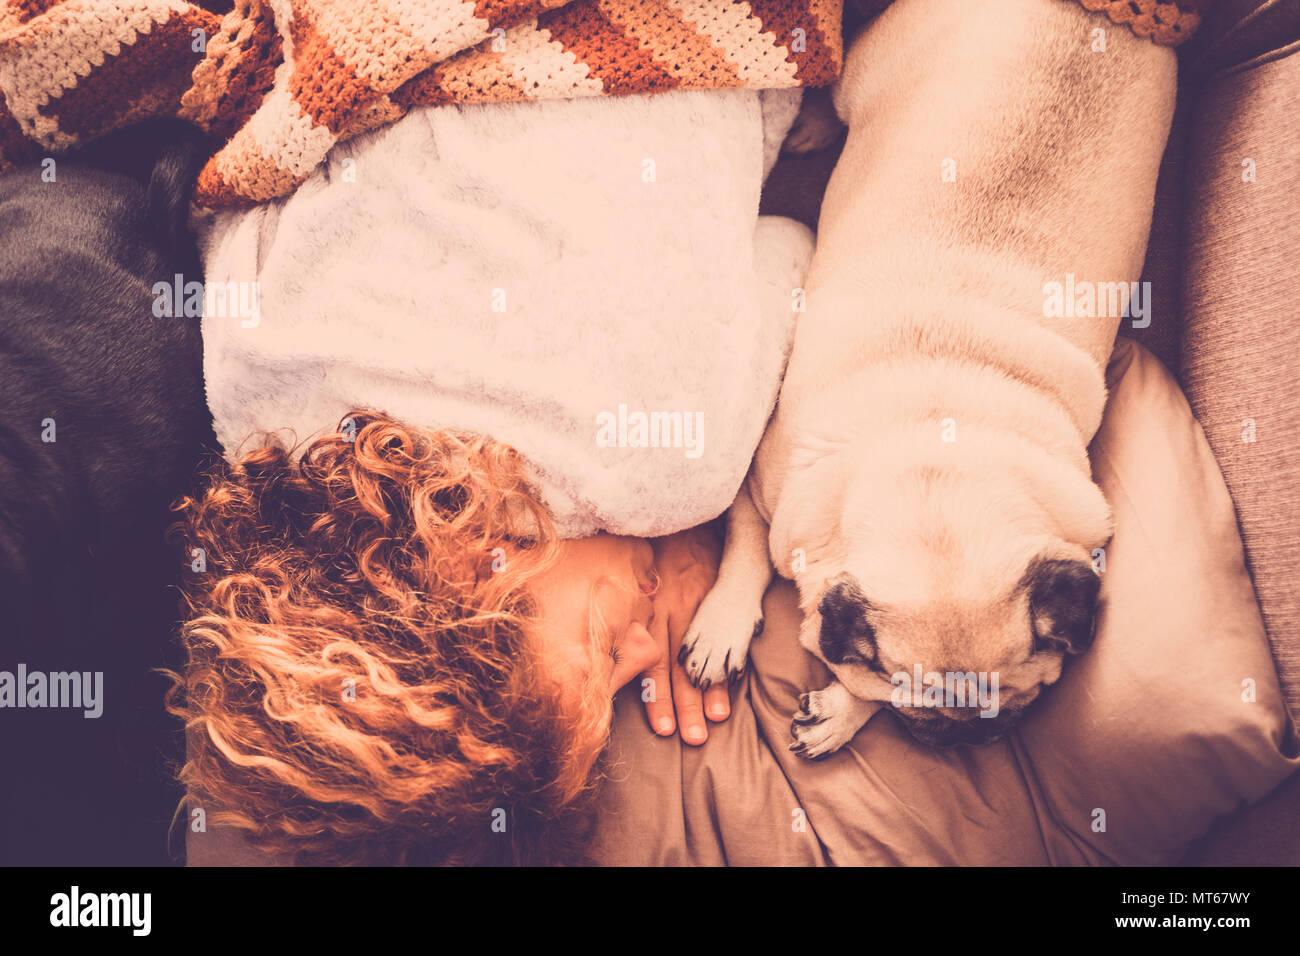 Migliori amici per sempre con una bella pug dog e bellissimi capelli swirl donna caucasica sleep insieme al mattino sul divano. assoluto concetto di amicizia Immagini Stock